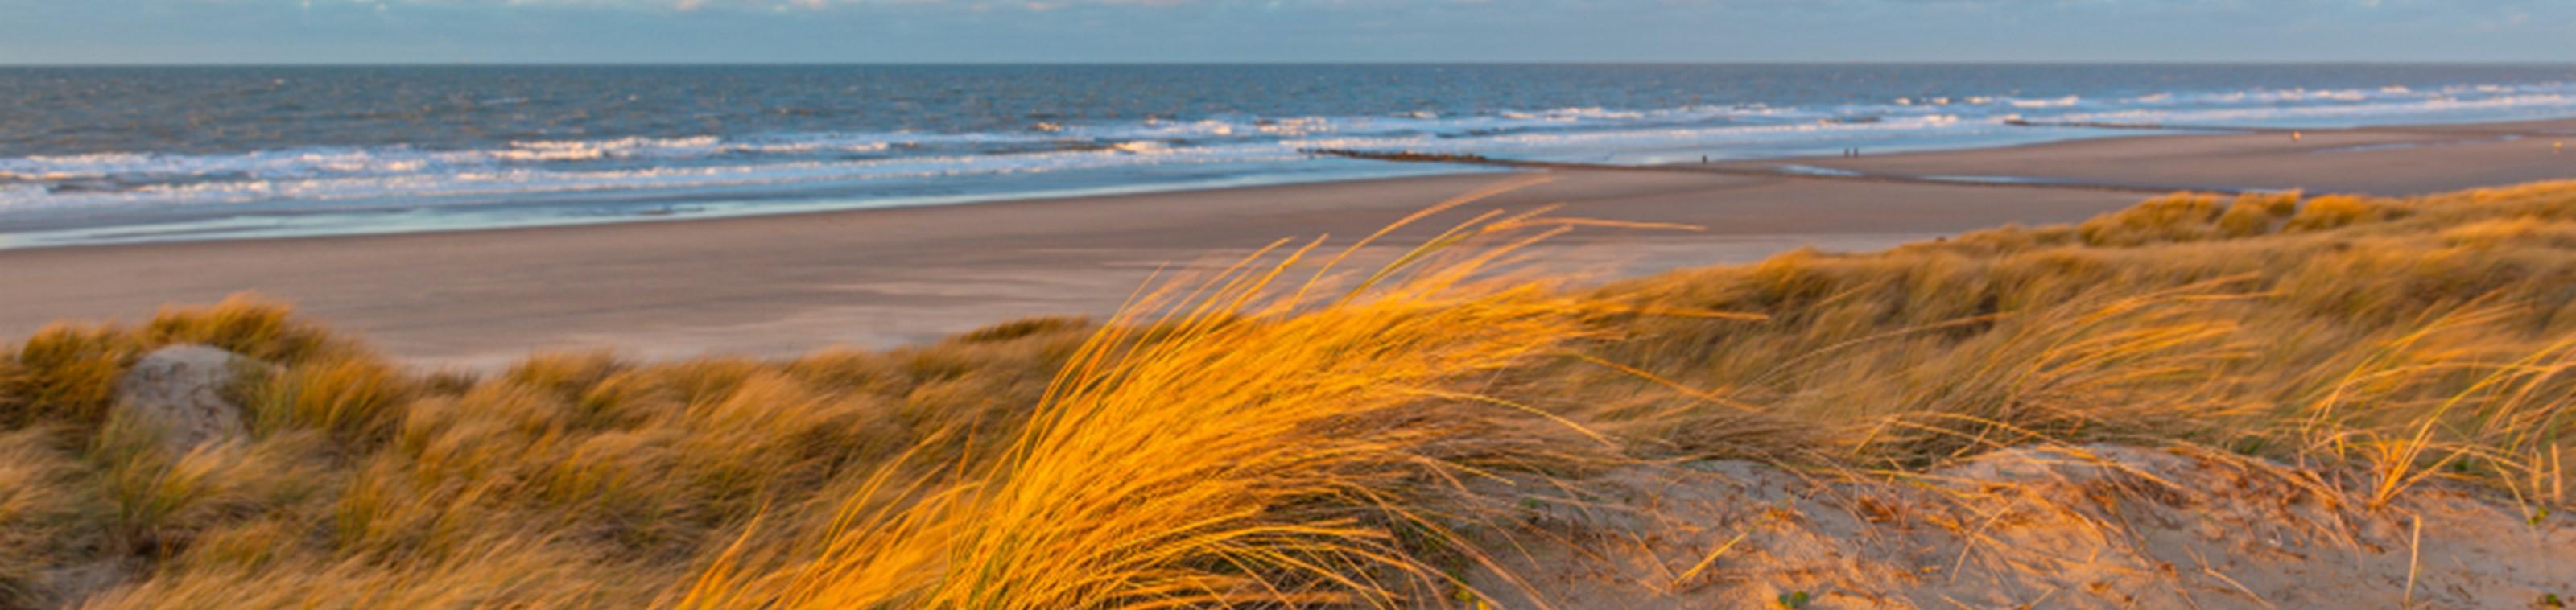 Zalig zomeren aan zee: Hotel Europe, Oostende